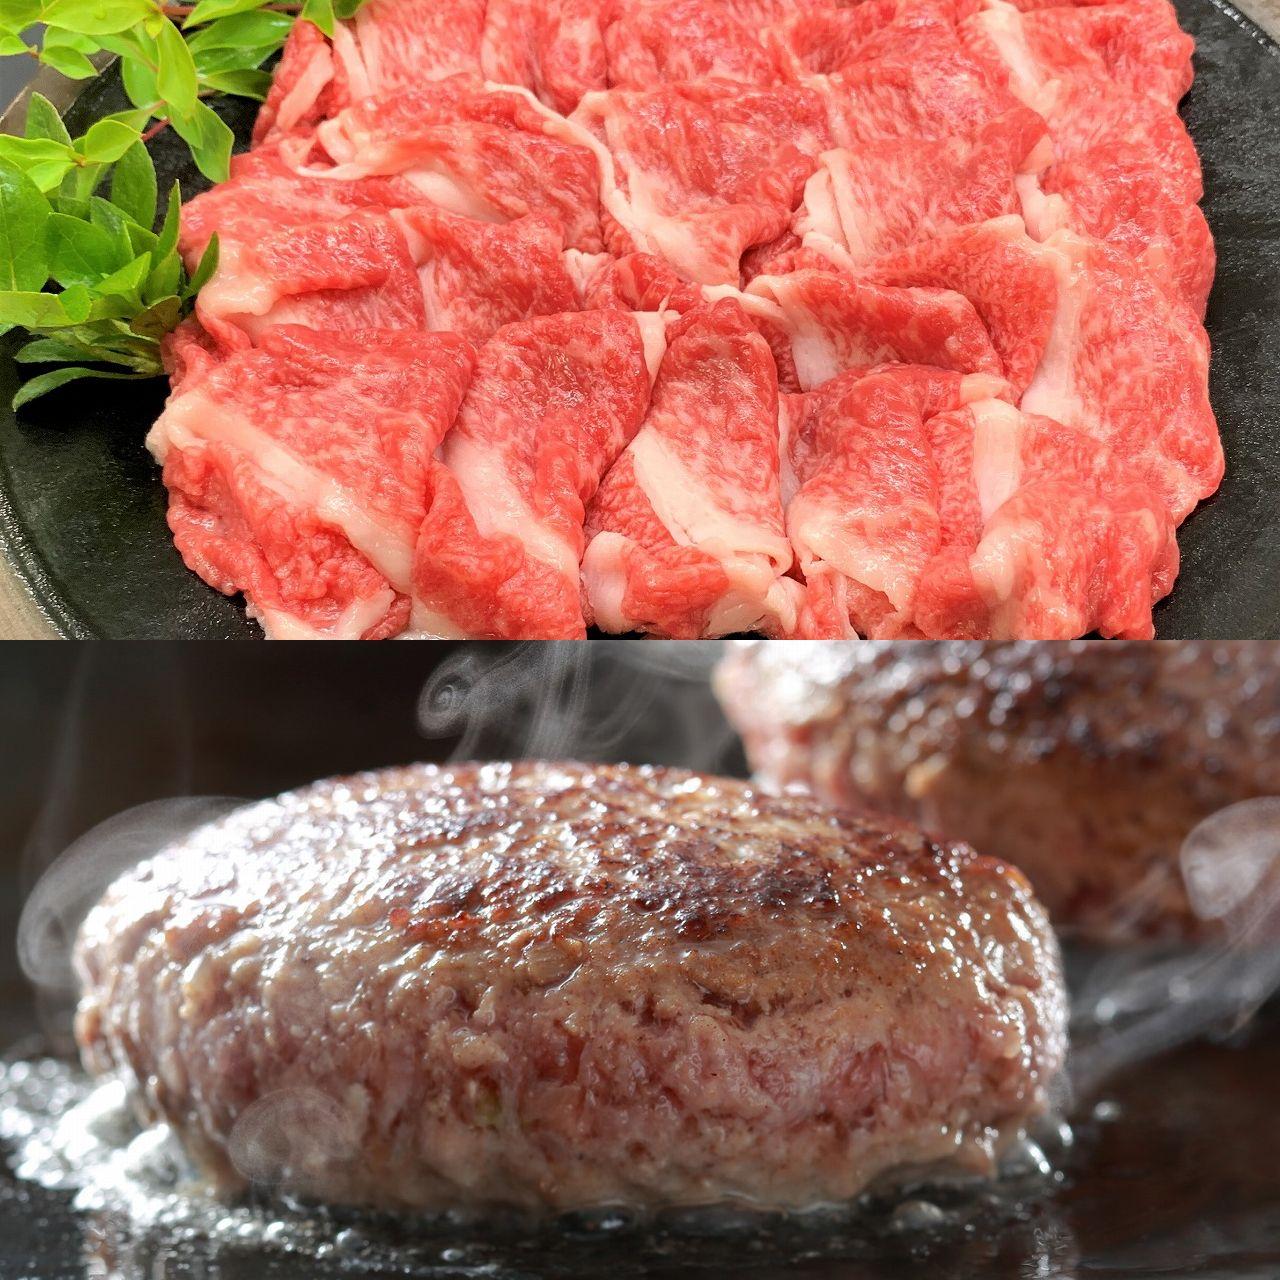 米沢牛切り落としと米沢牛ハンバーグ(合挽き)のセットの画像